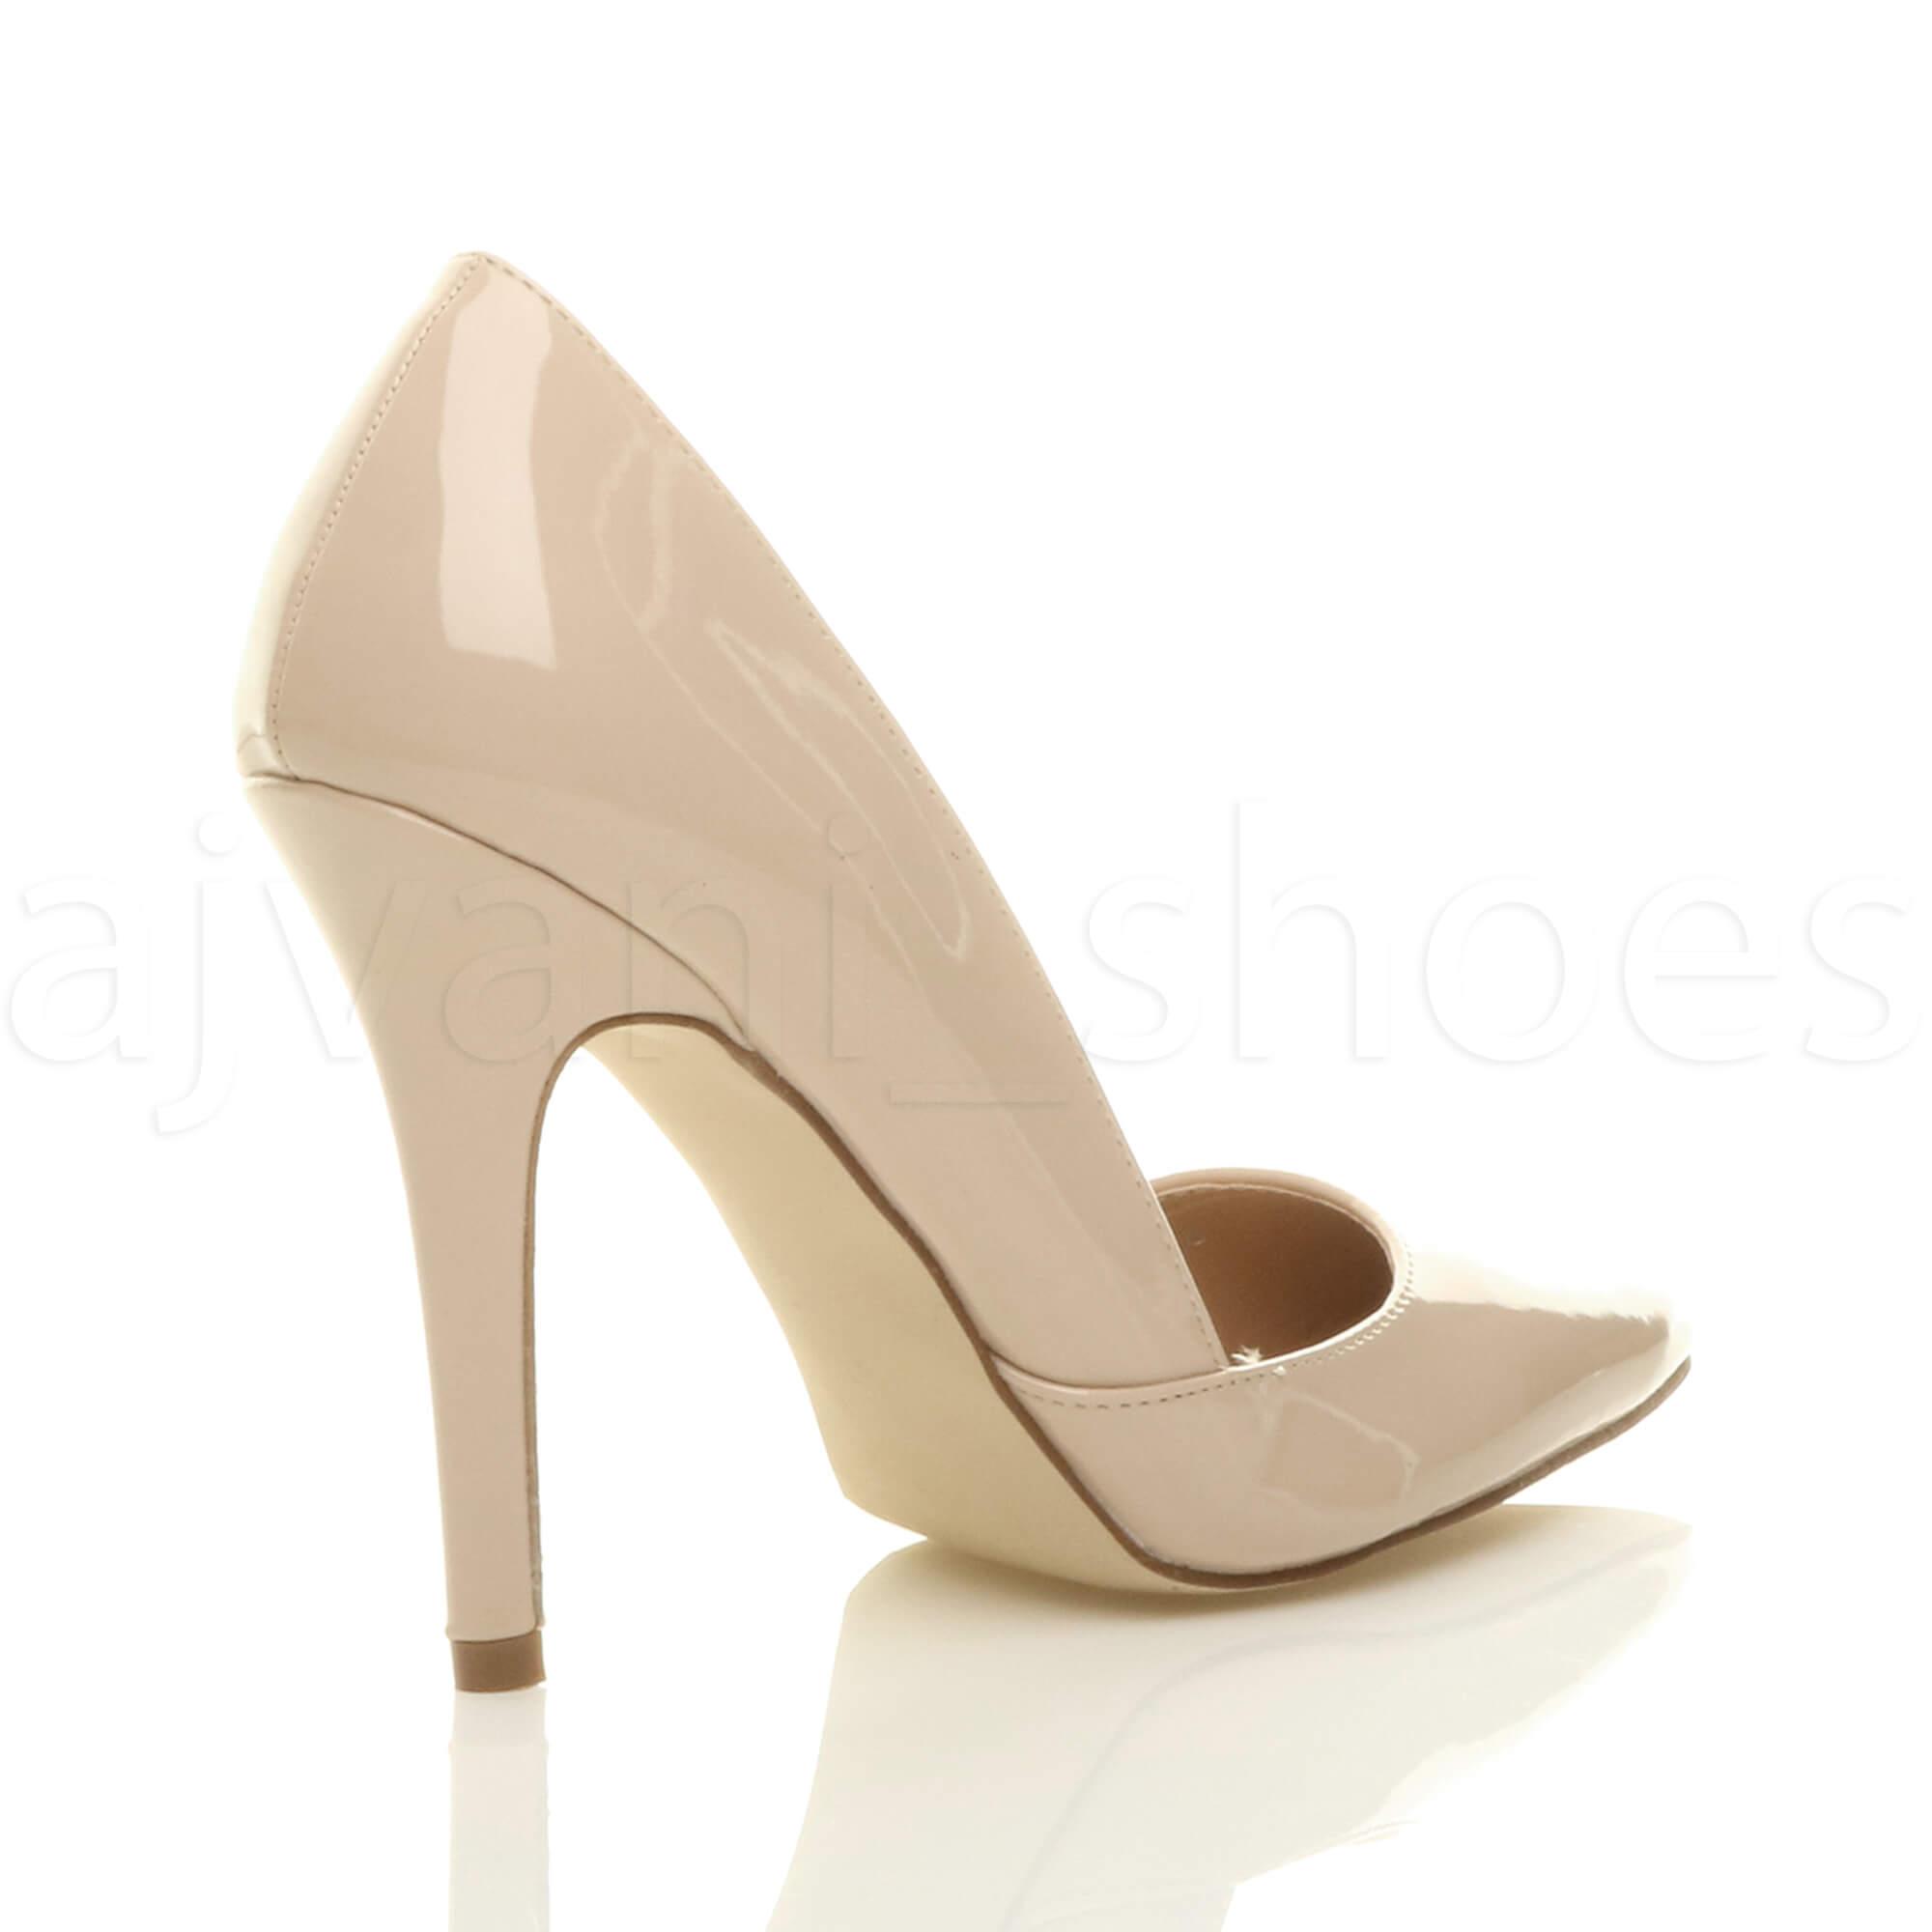 Talons Hauts D'orsay Femmes Chaussures Escarpín Découpée Pointe Pointure Stylet 6aqdHwP